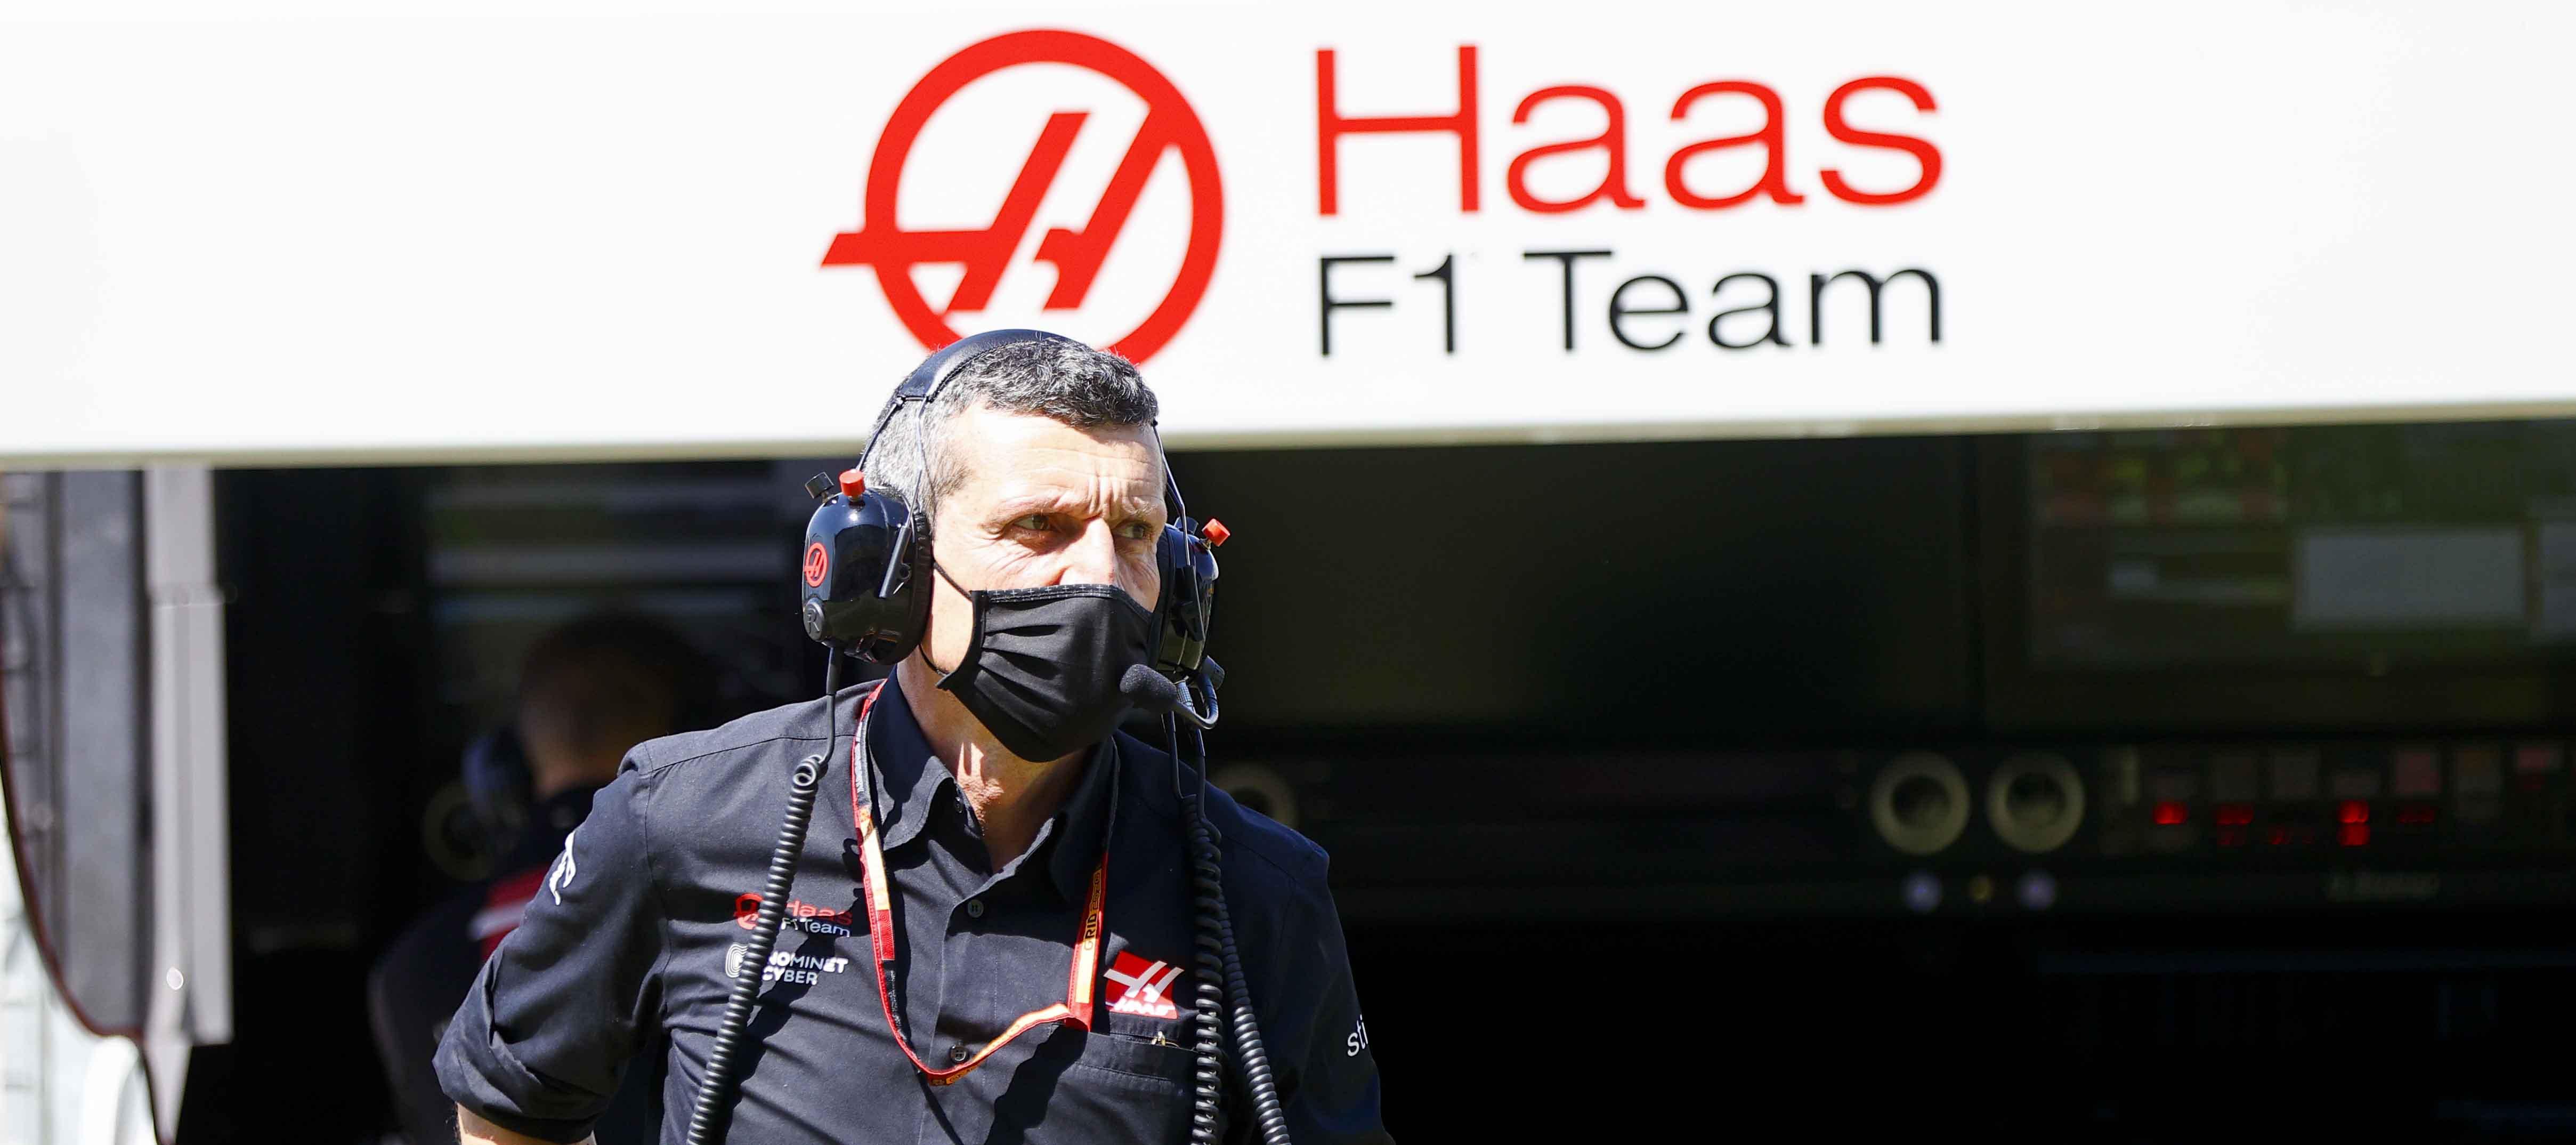 Guenther Steiner, Haas